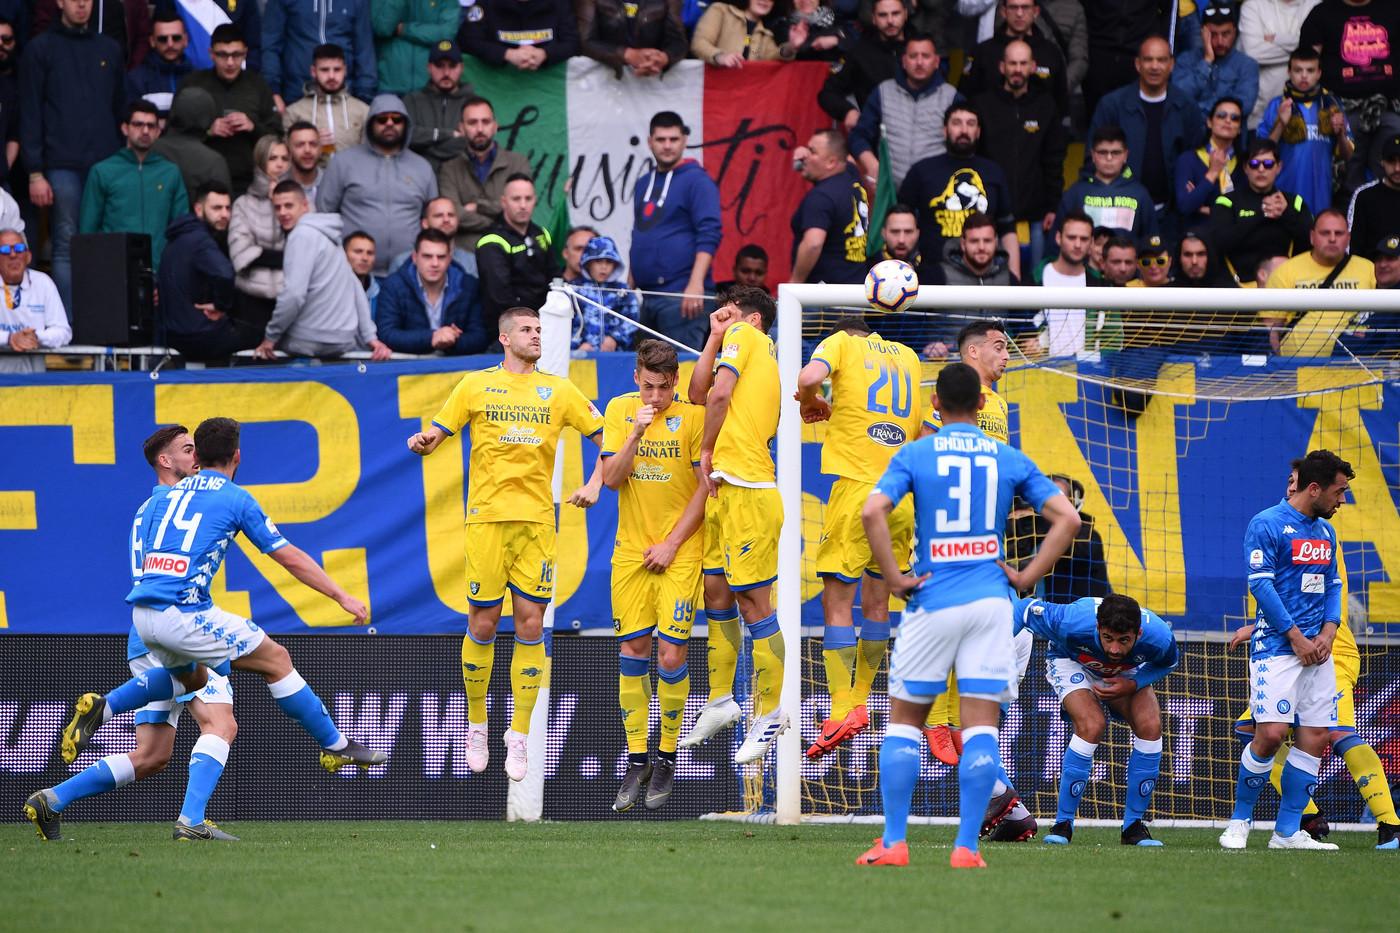 Serie A, Frosinone-Napoli 0-2   Il fotoracconto